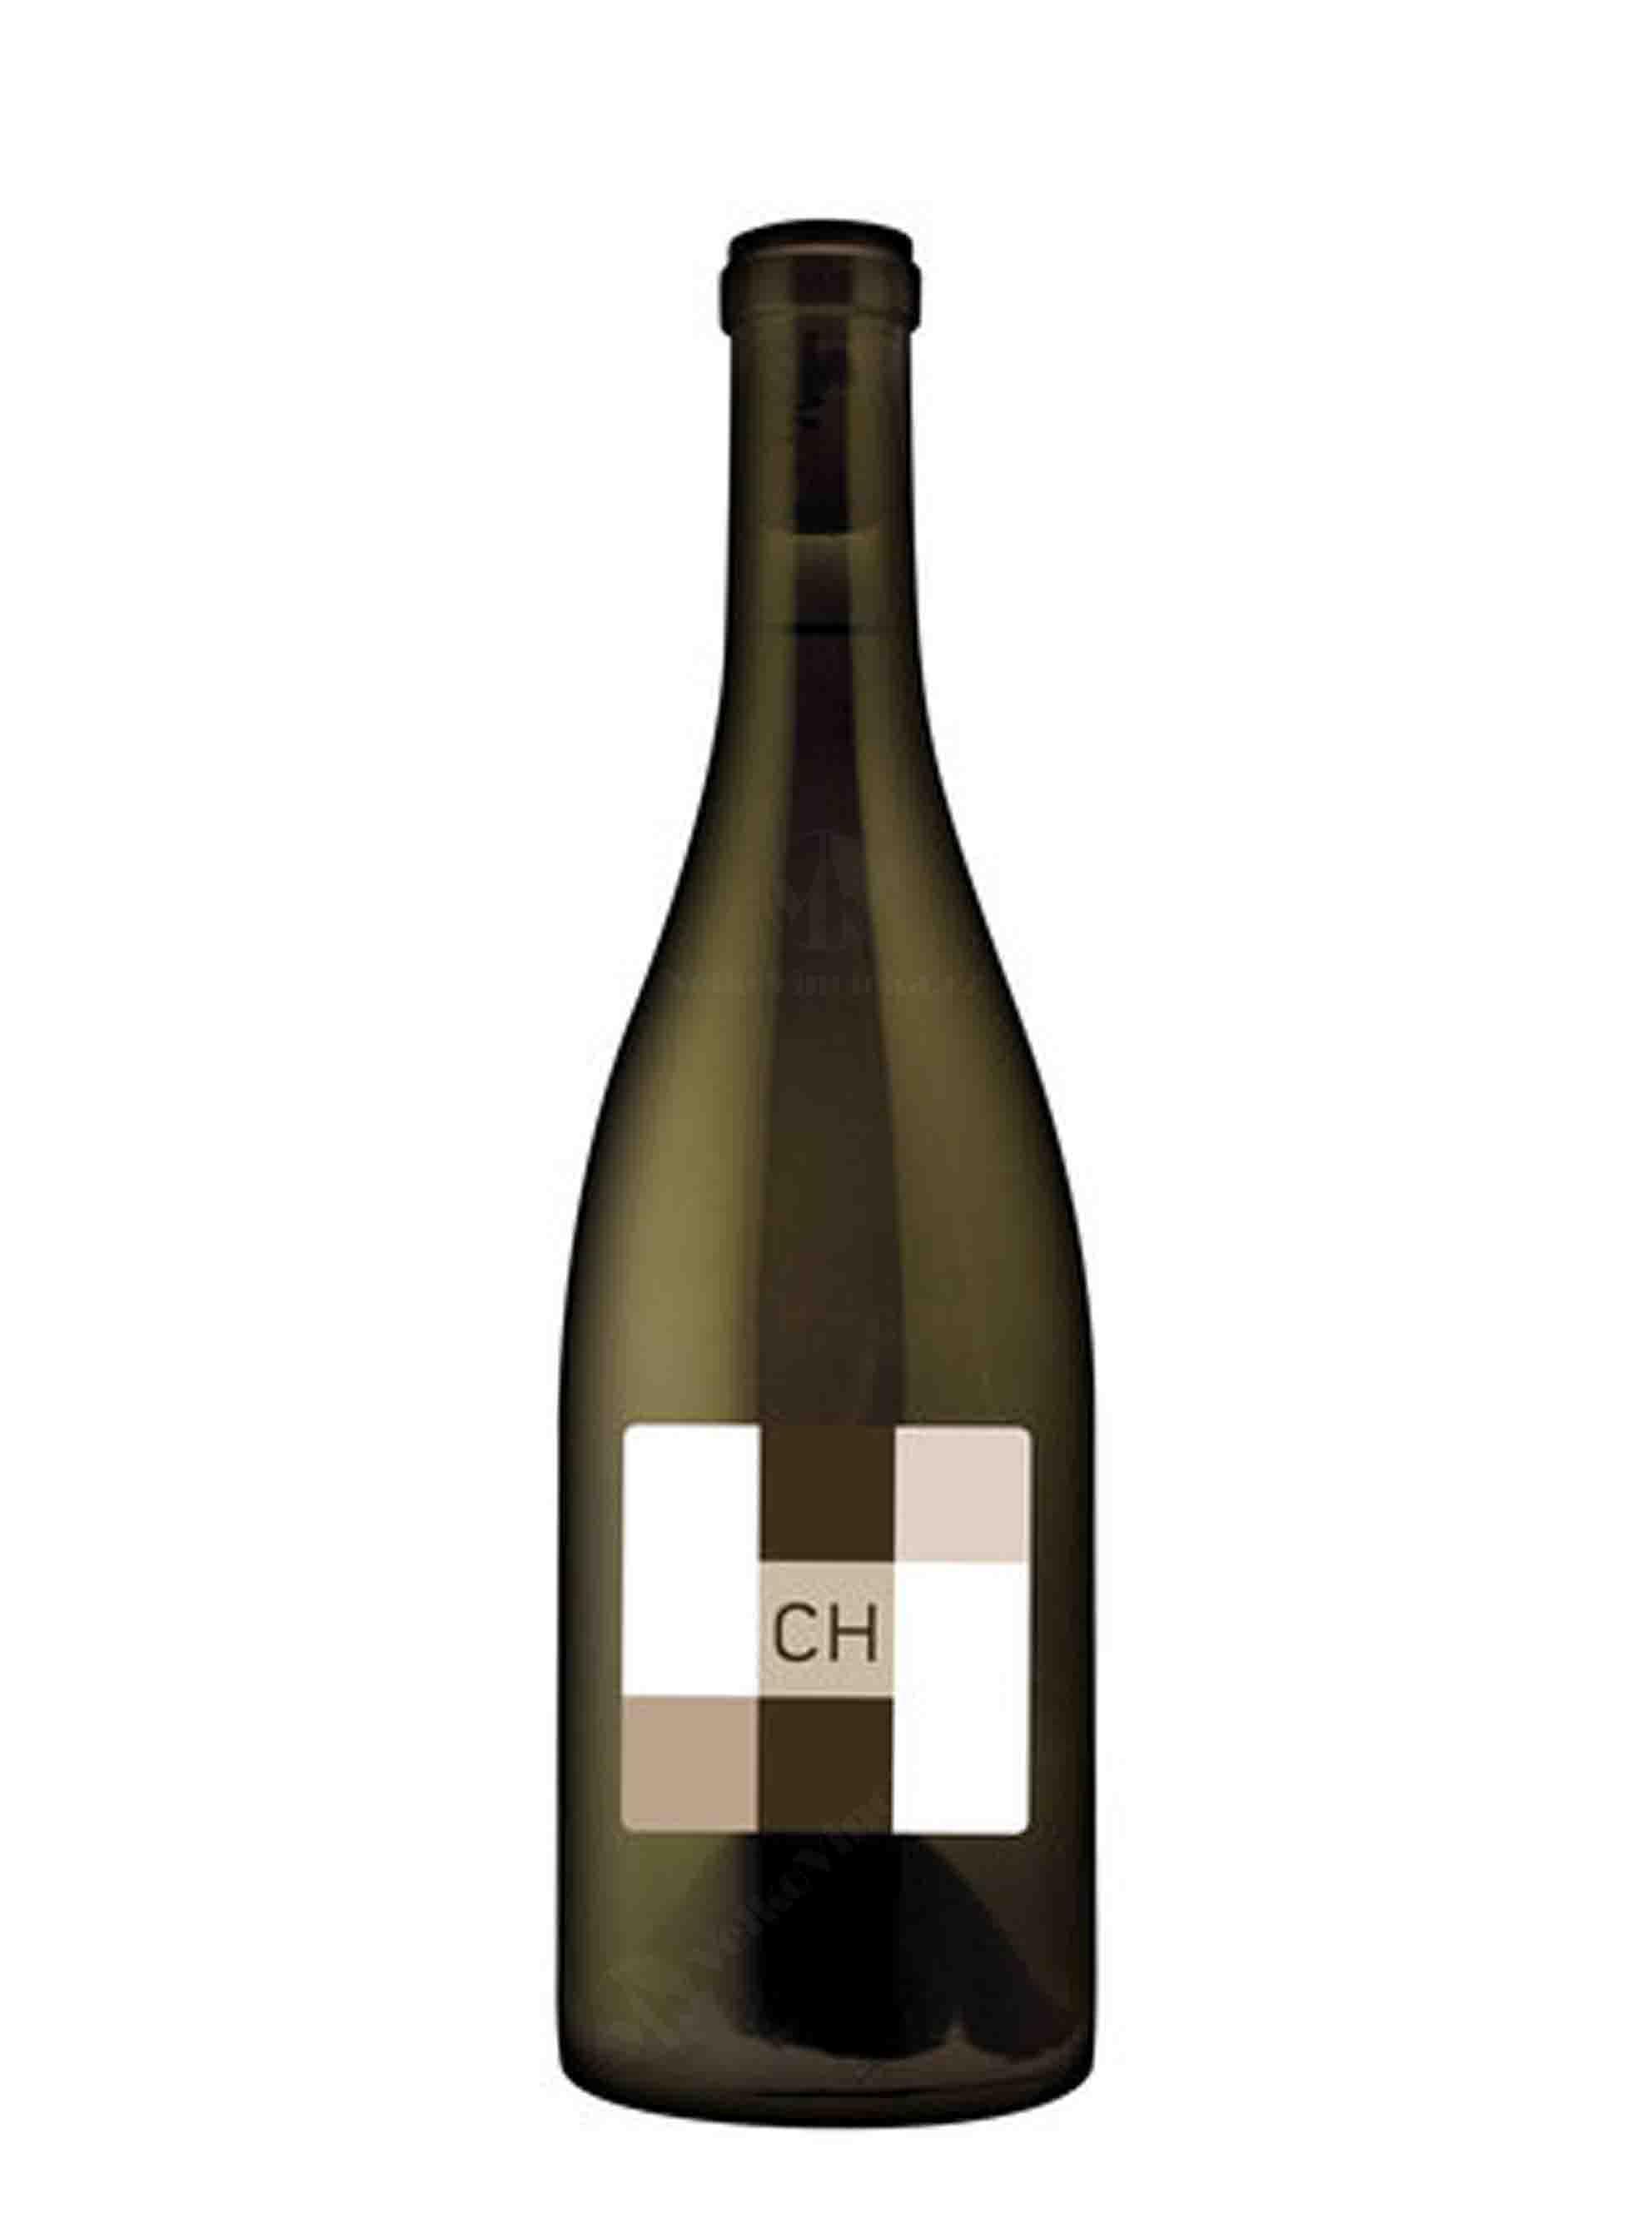 Cuvée, CH, Jakostní známkové - barrique, 2009, Vinařství VINO HORT, 0.75 l